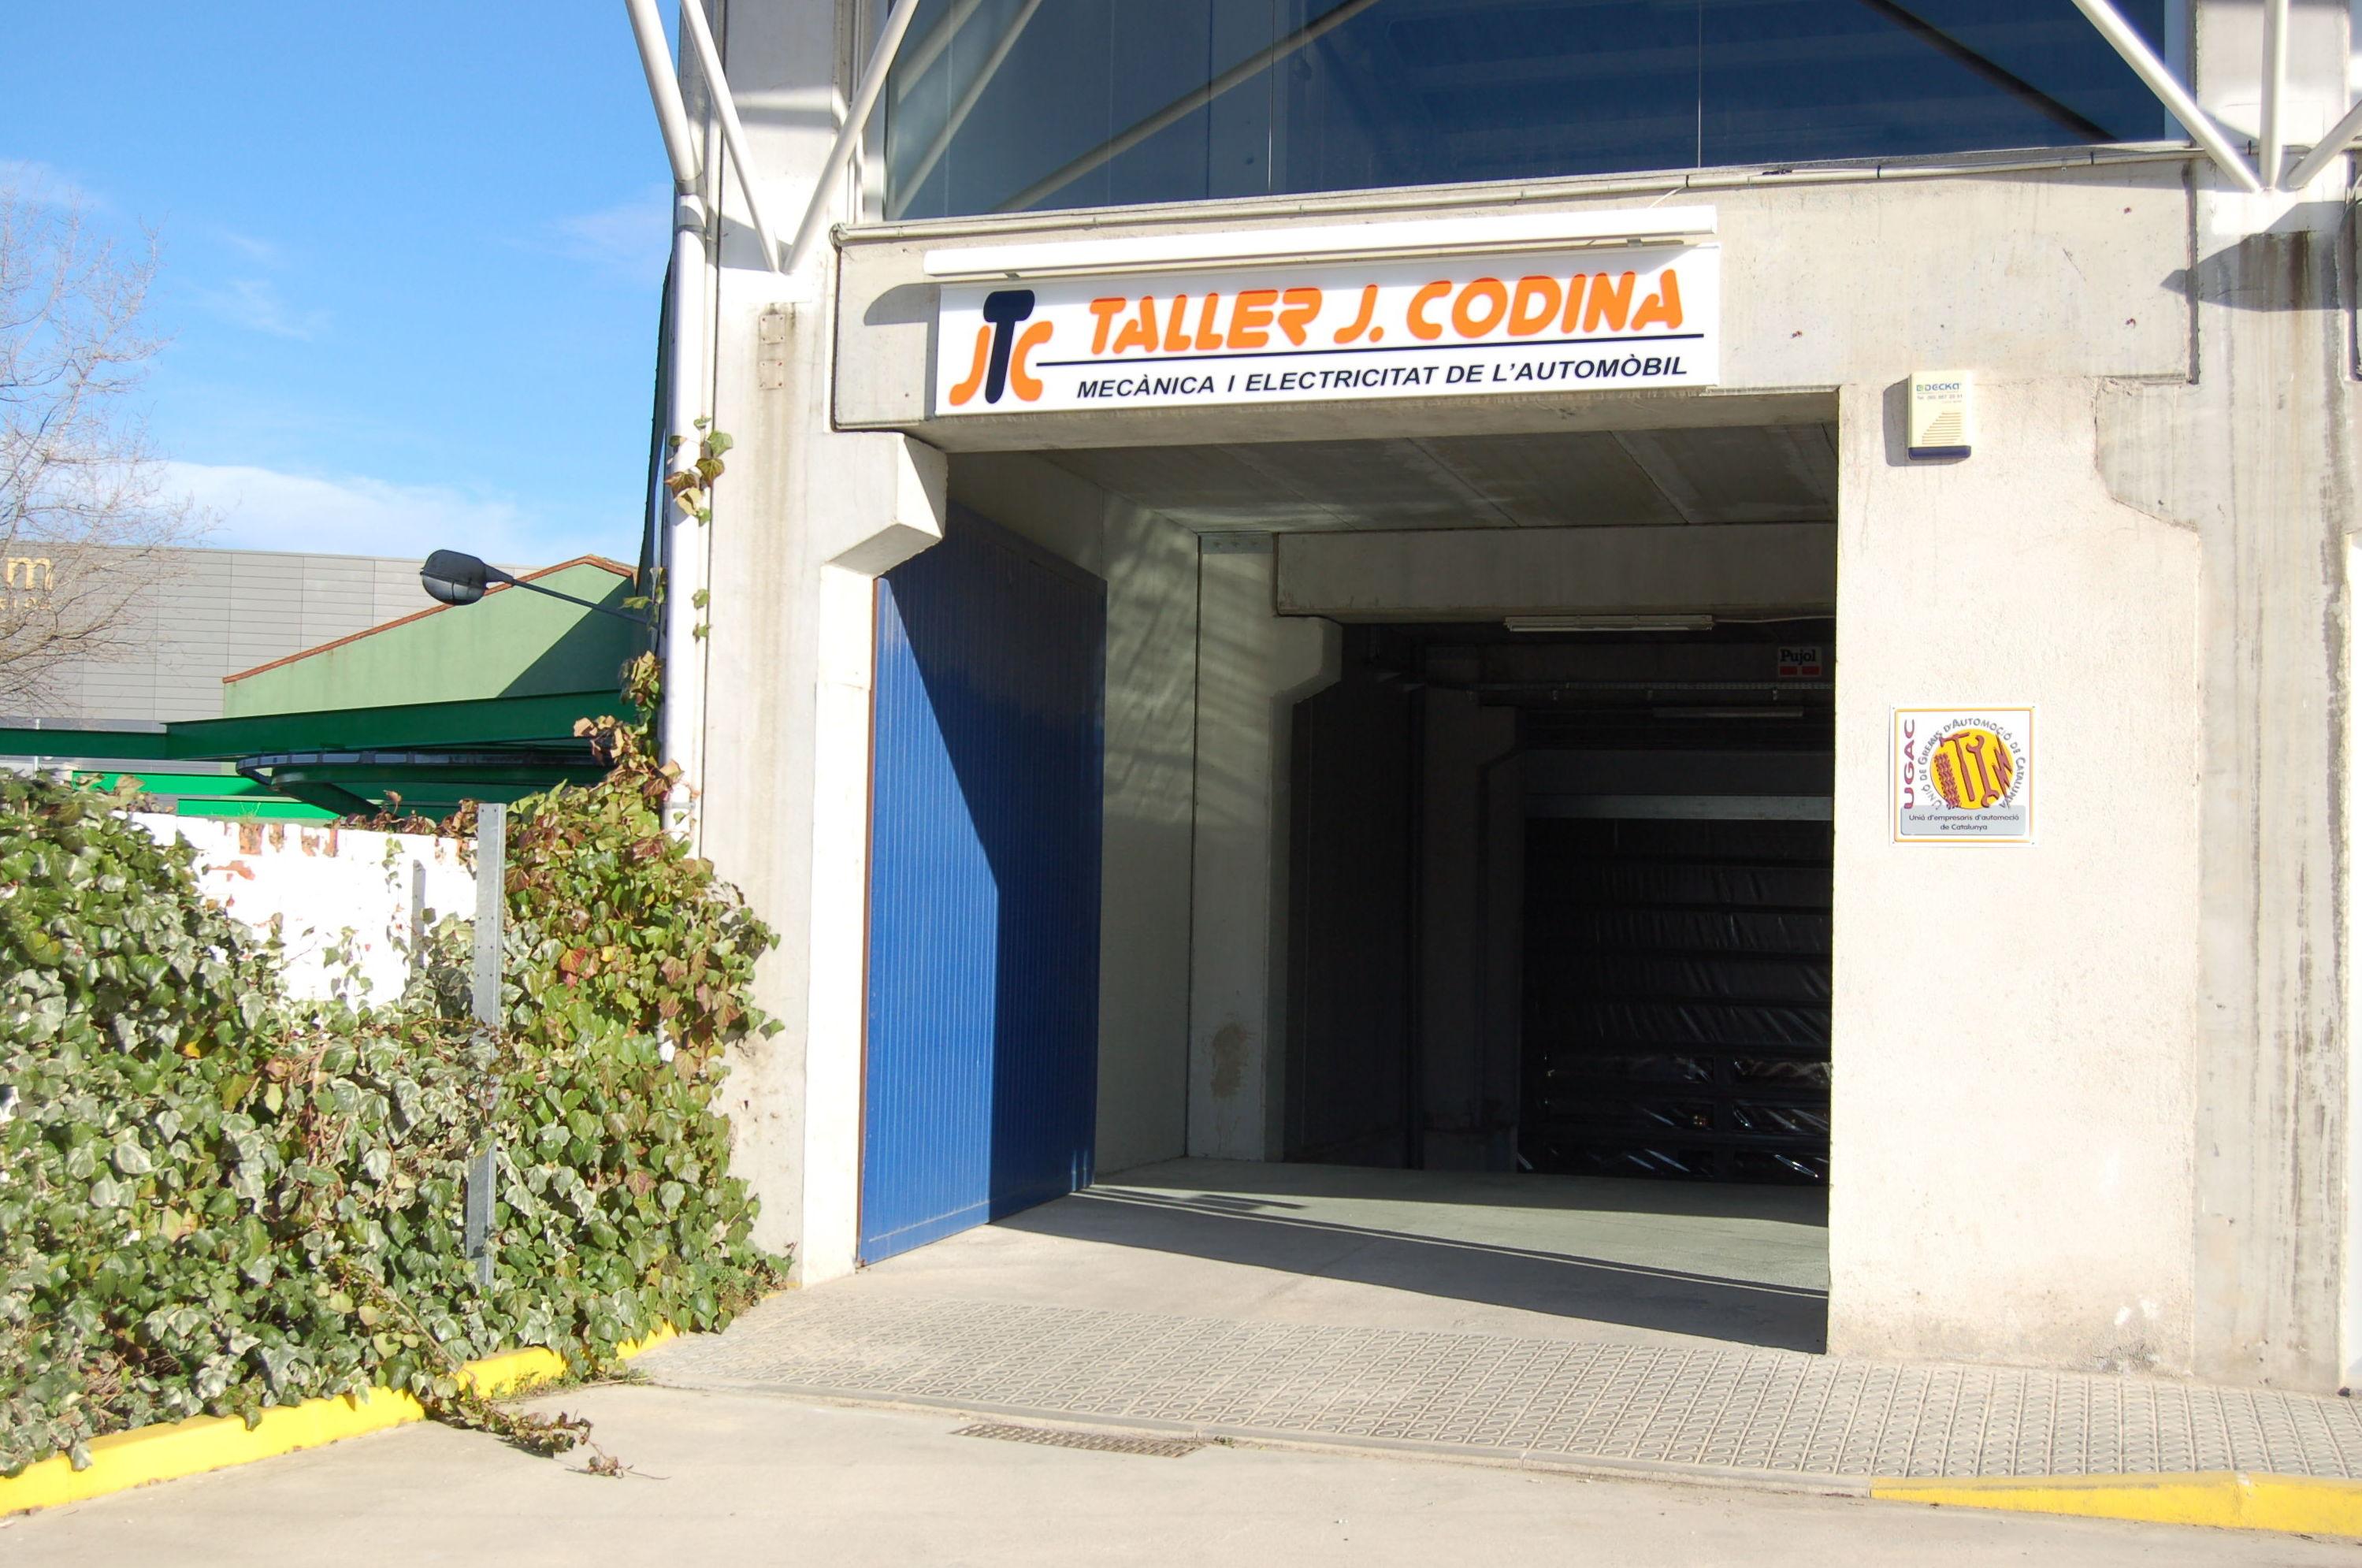 Entrada por Ctra C-35 km 55, (enfrete de la gasolinera) Taller de coches en Sant Celoni.